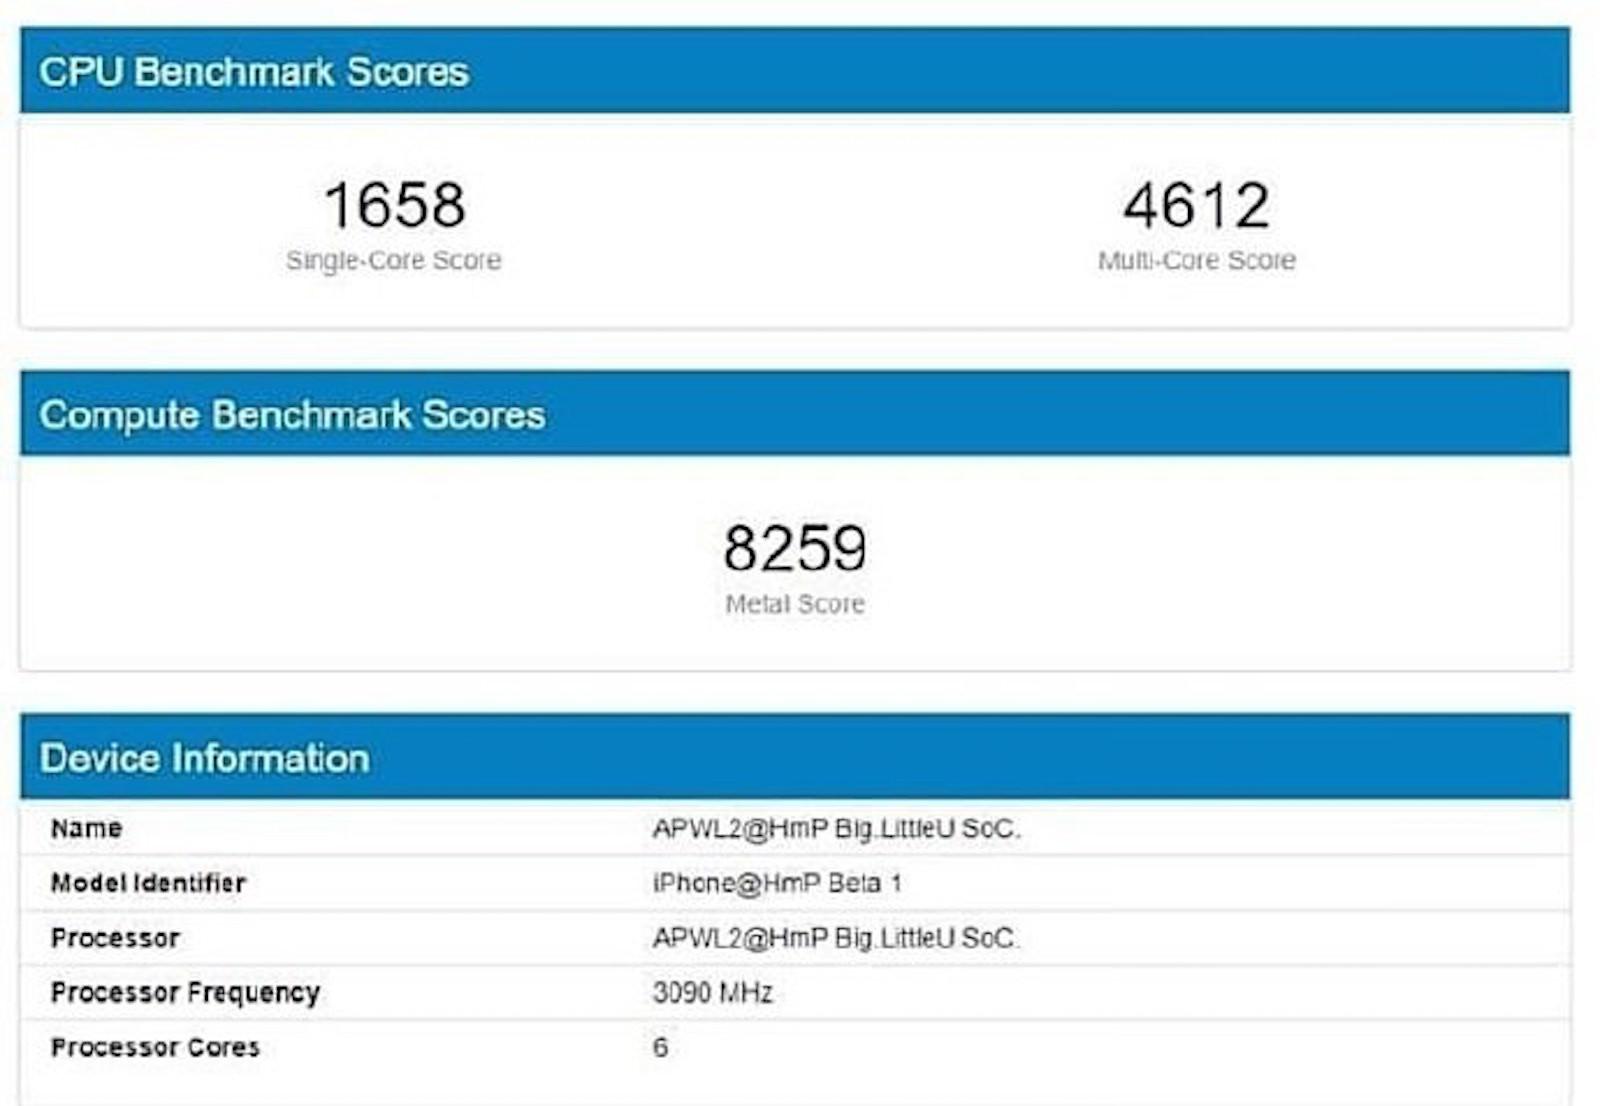 Iphone 12 benchmark scores